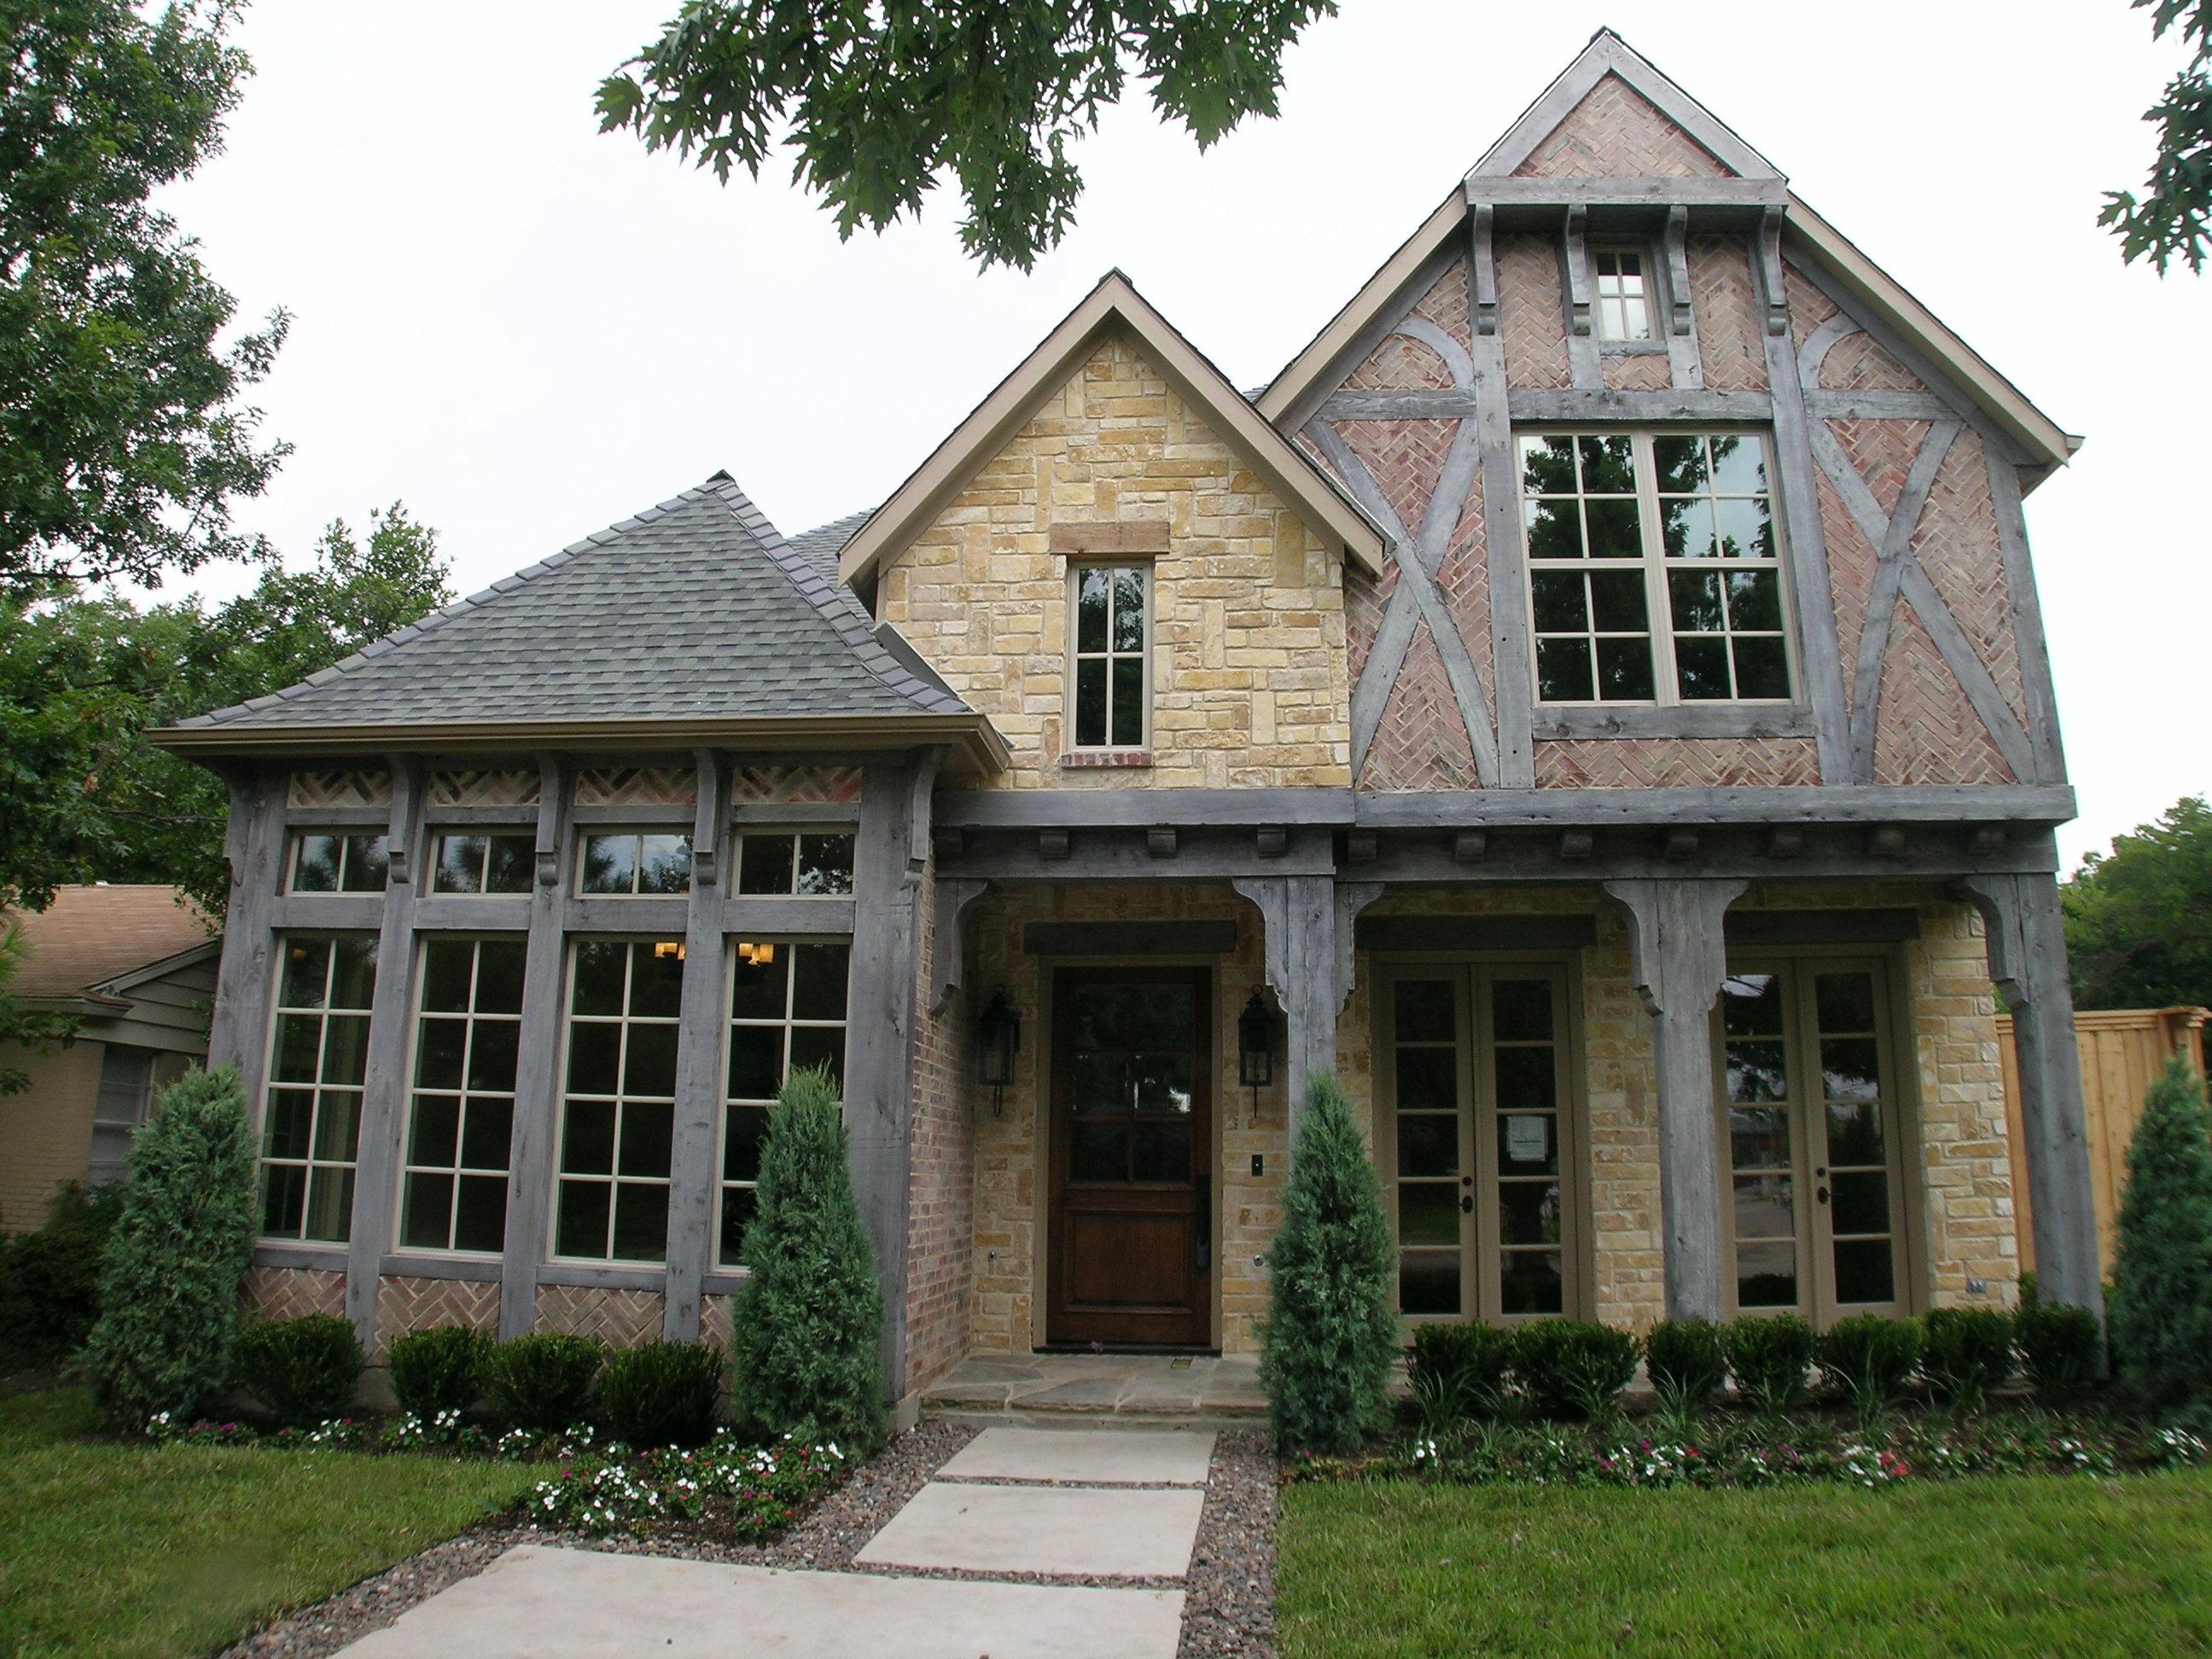 5651 W. Amherst, Dallas, TX